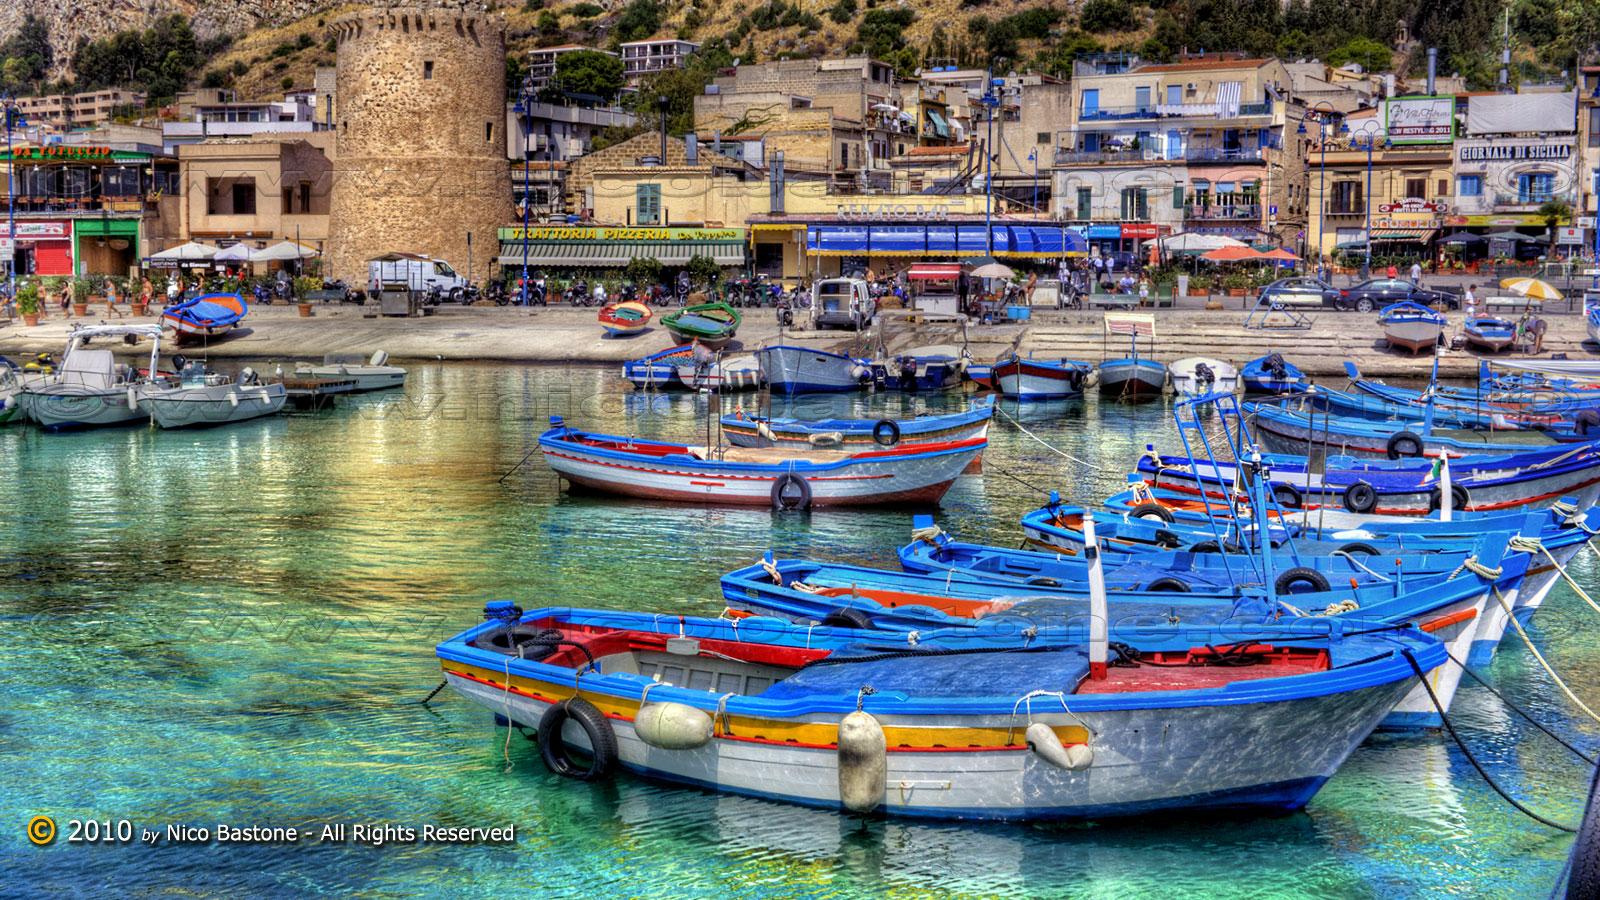 Mondello palermo paesaggio con barche 5 seascape with for Foto spettacolari per desktop